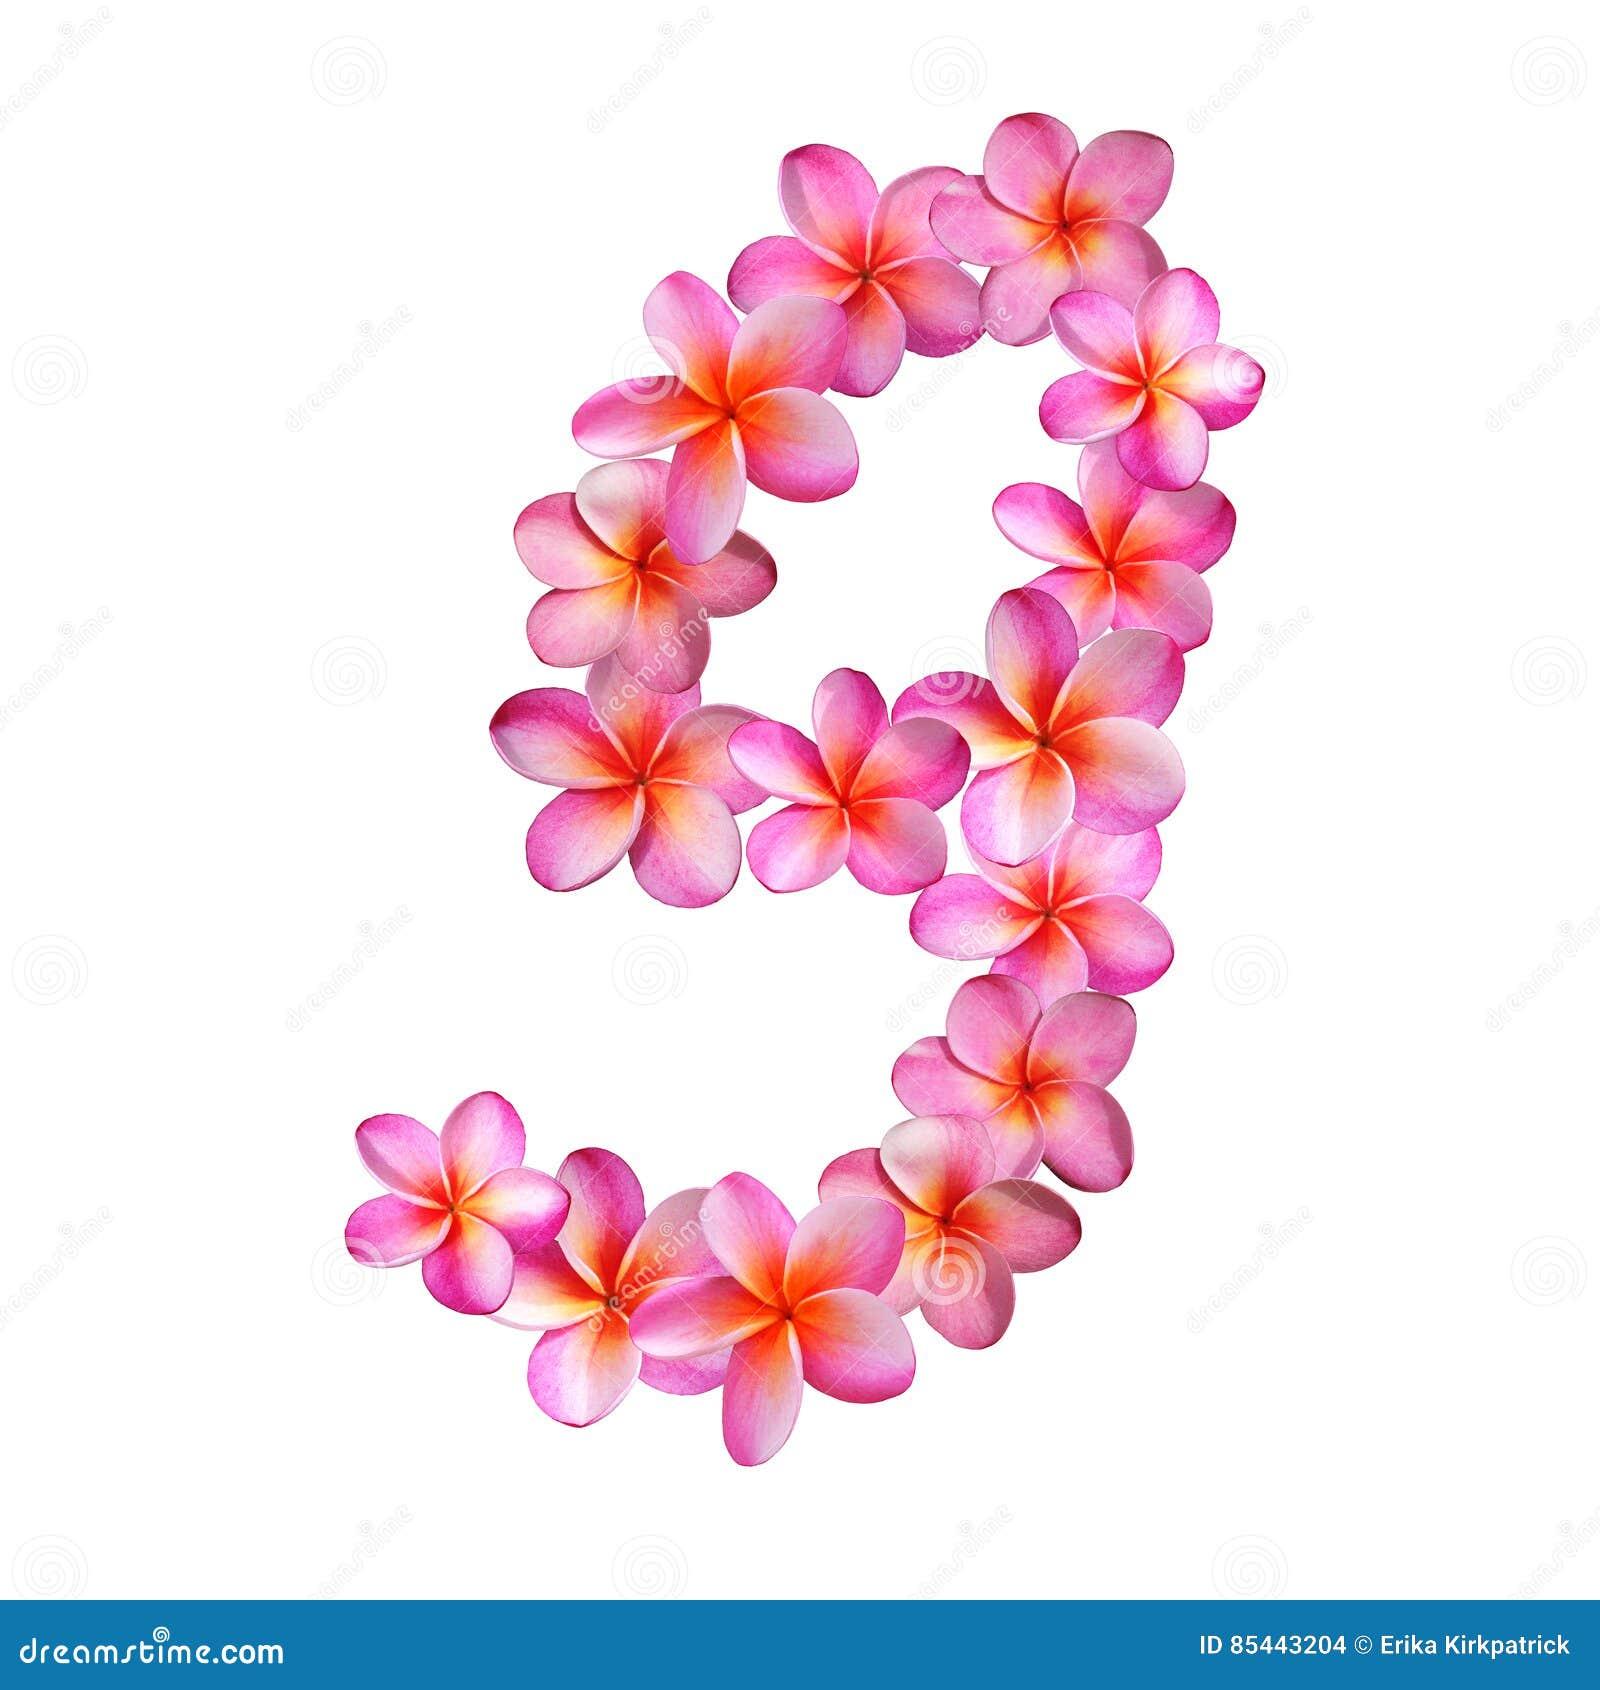 Pink Plumeria Flowers Letter G Stock Illustration - Illustration of ...